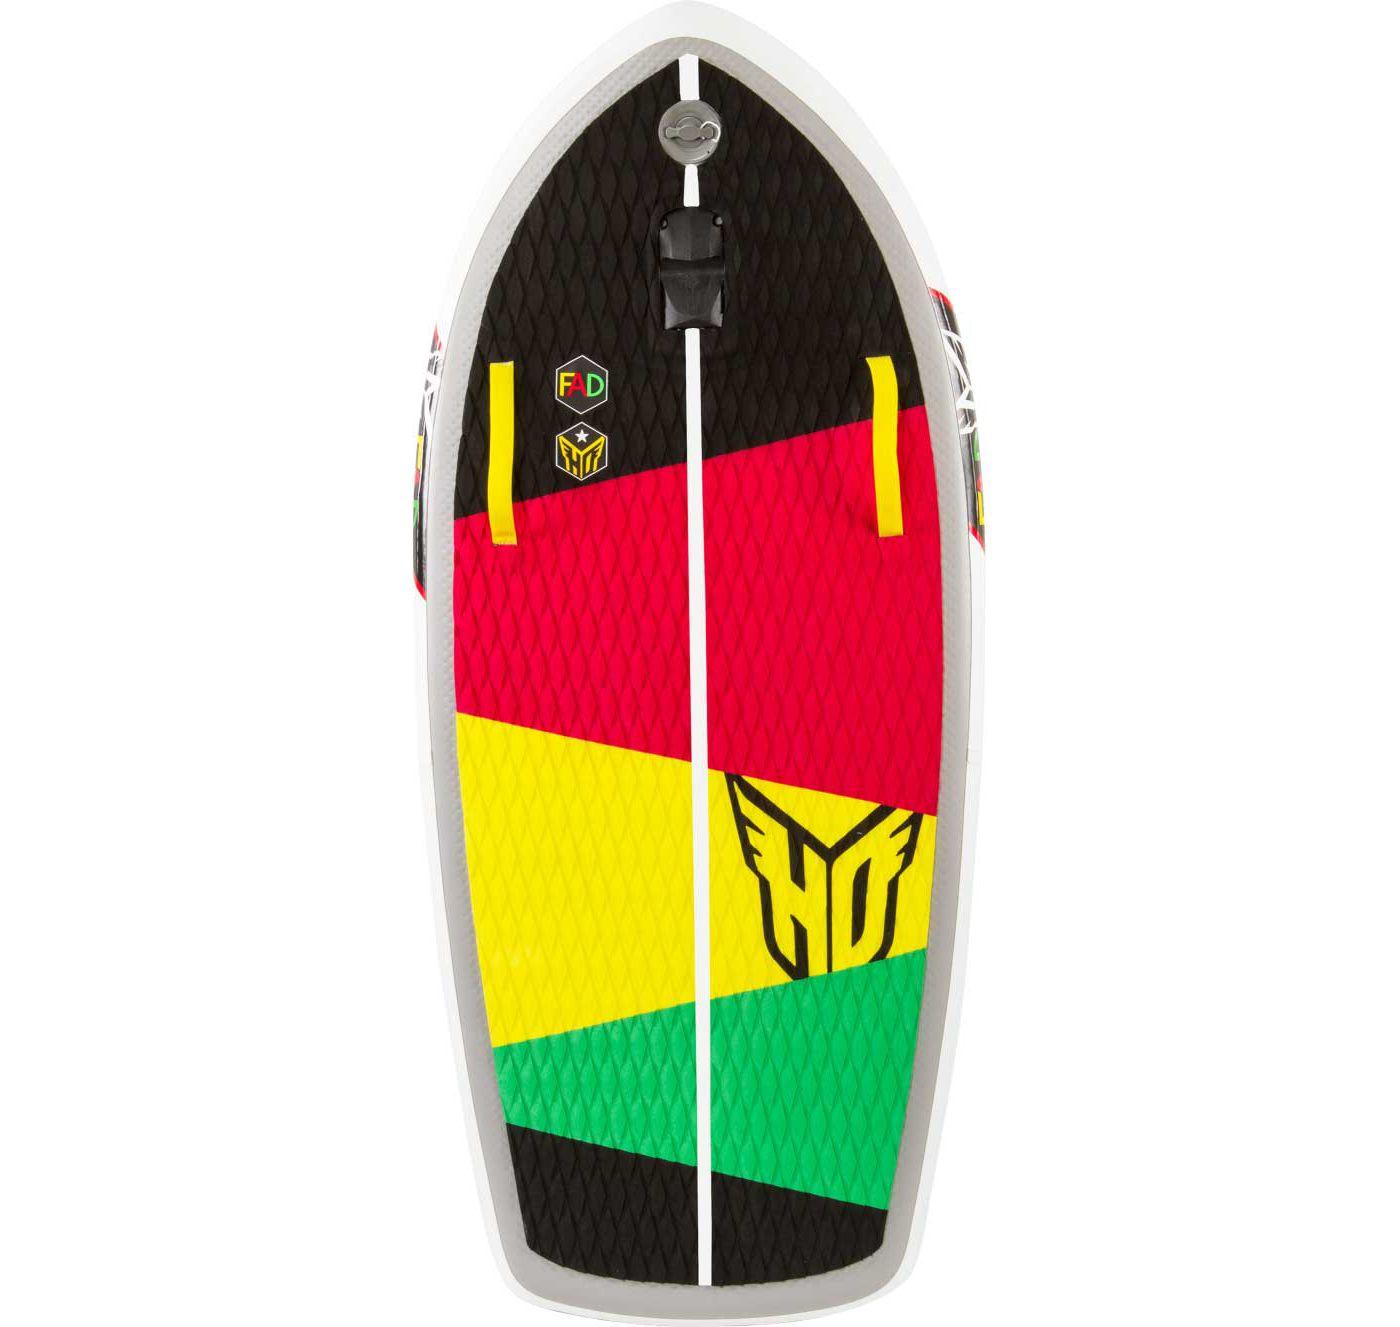 HO Sports FAD 4.5 Wakesurf Board